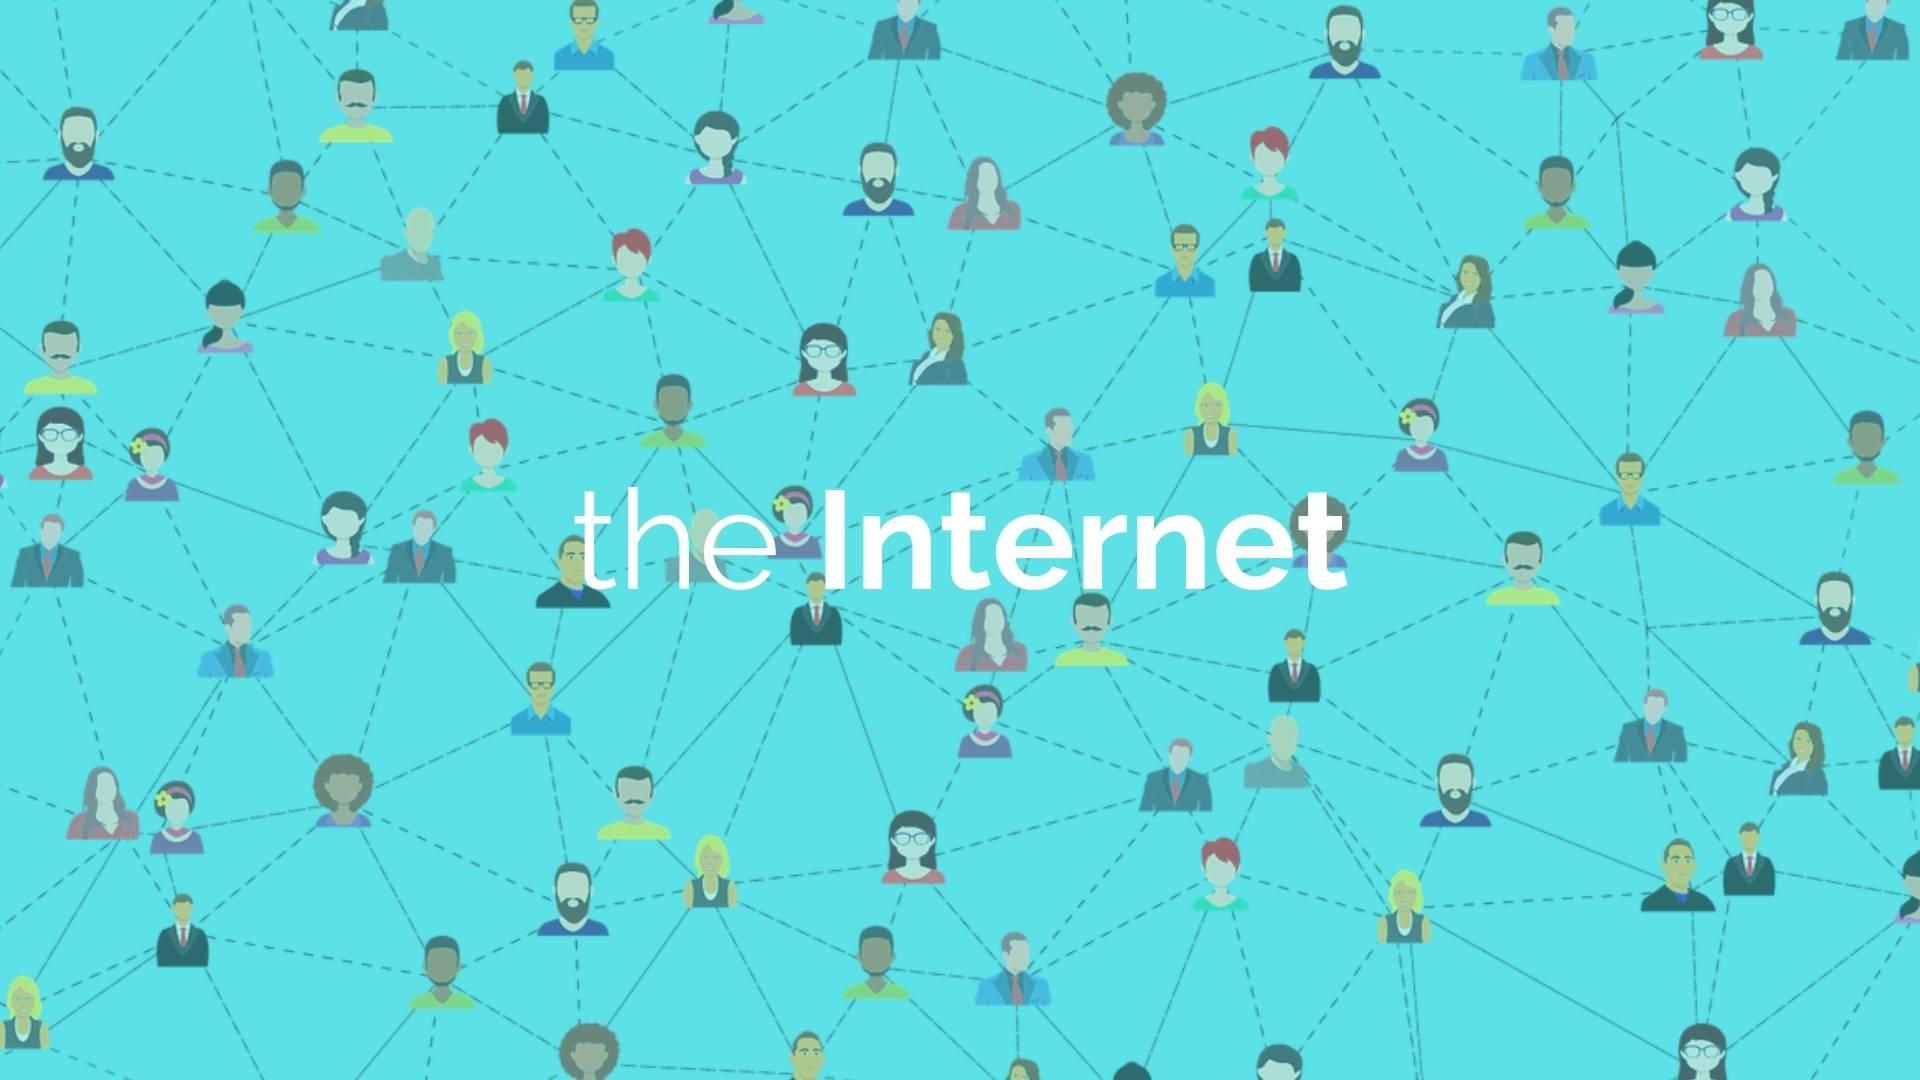 İnternet'in Sahibi Kim, Hiç Düşündünüz Mü?